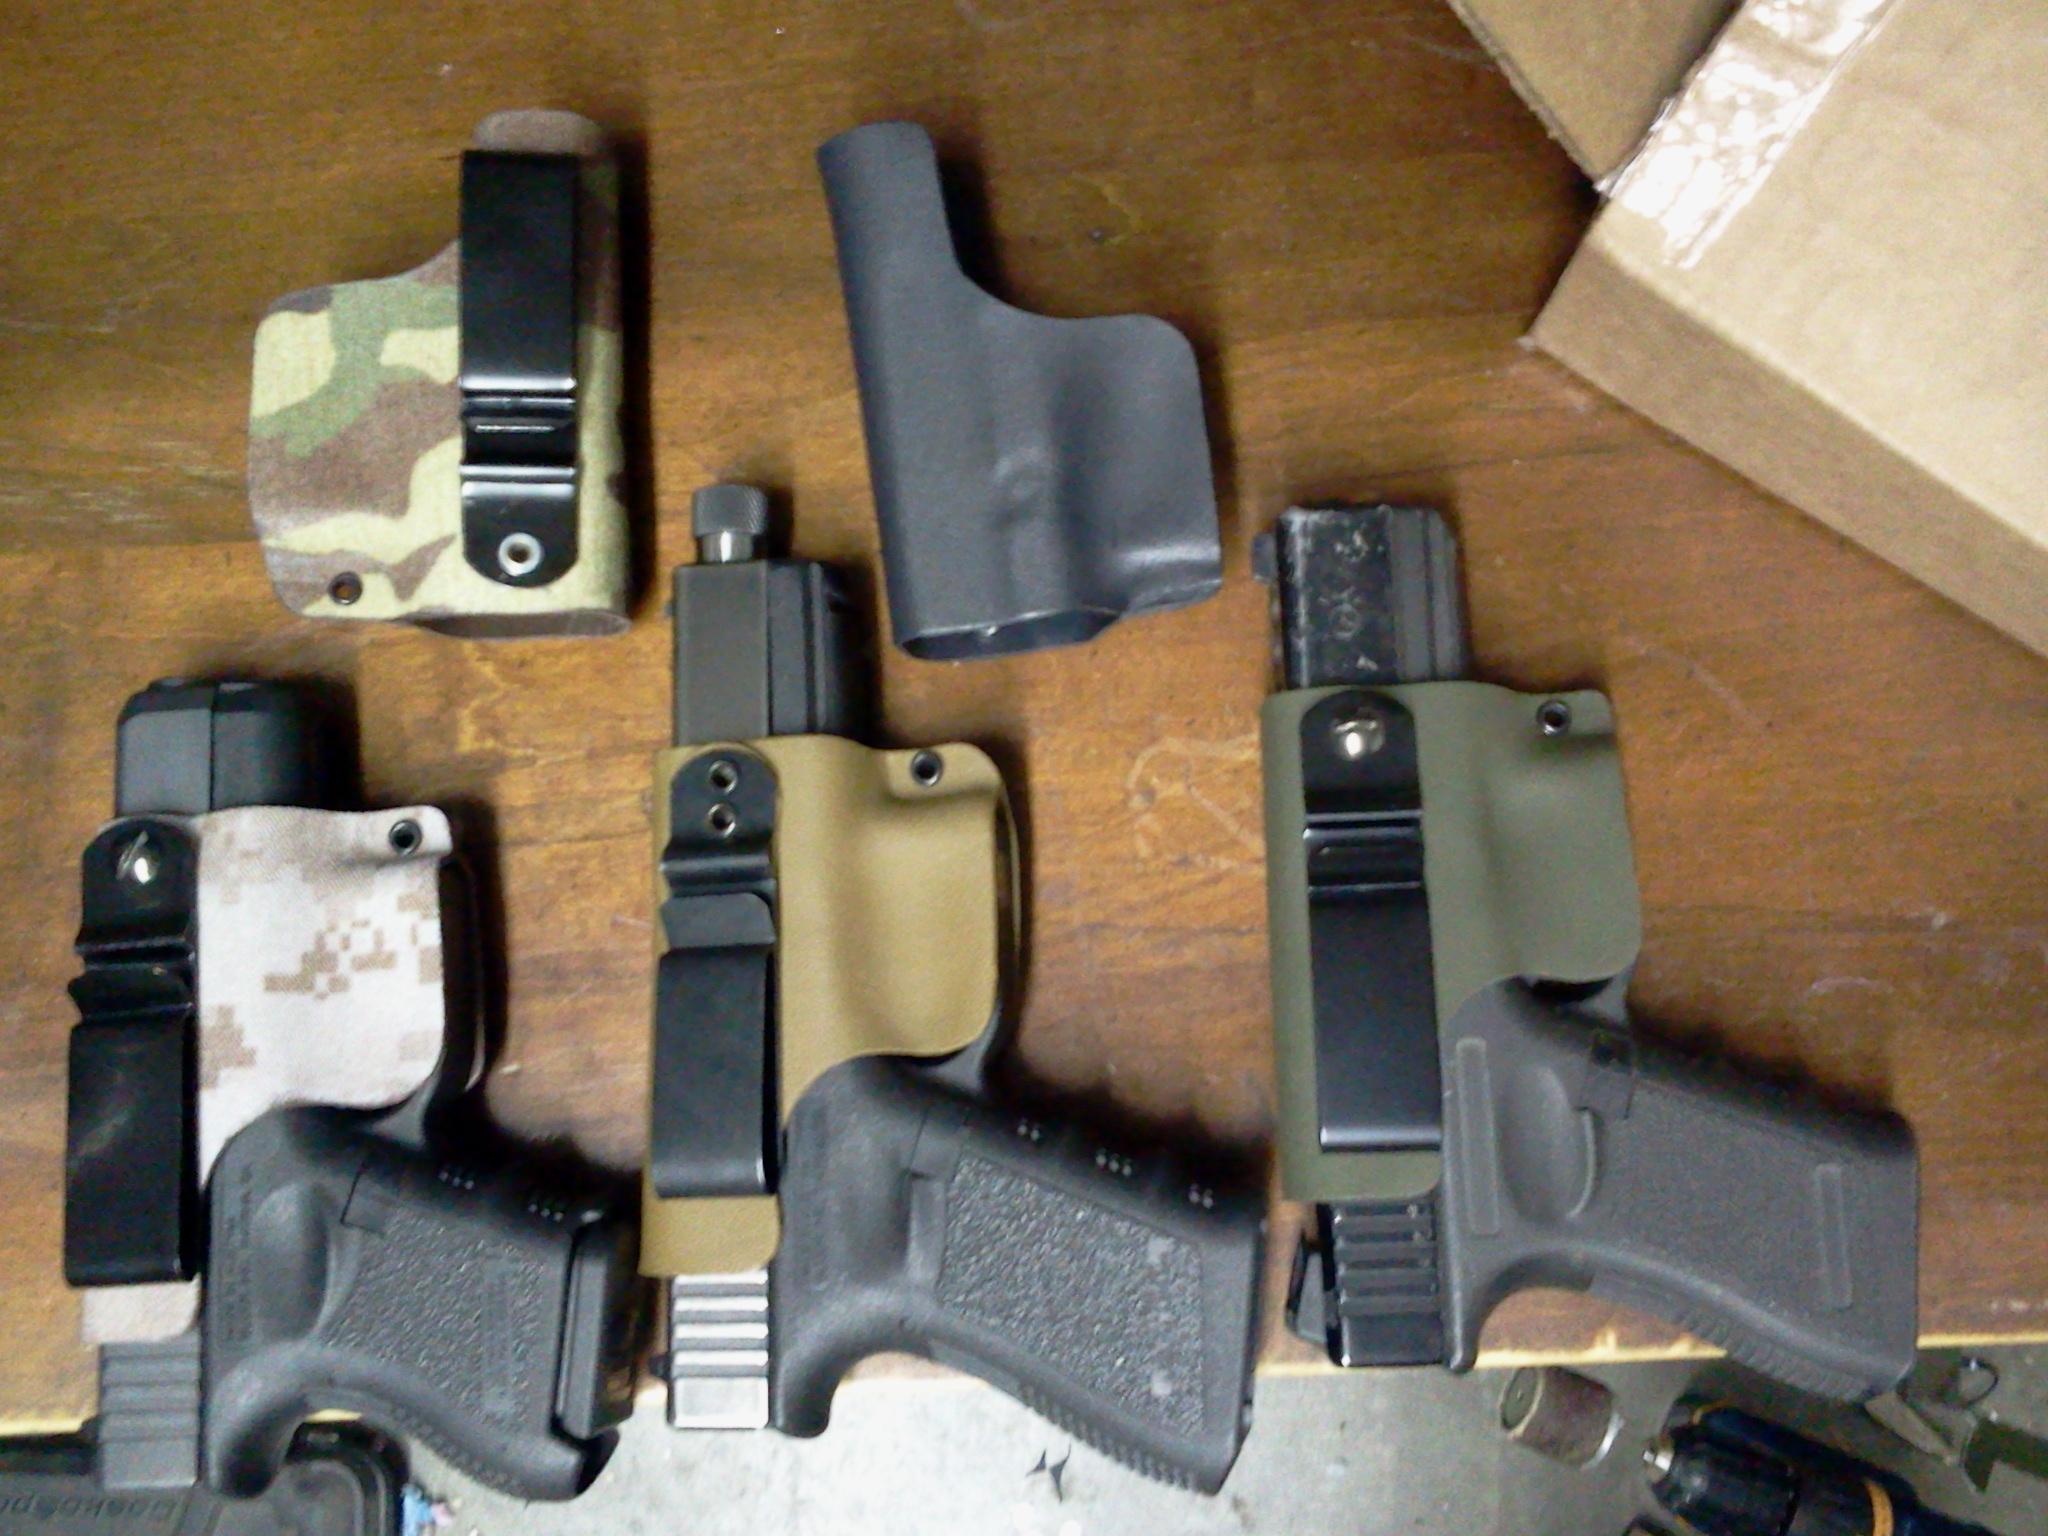 Kydex Holsters For sale Glock 17,18, 19, 22, 23, 26, 27      (20$)-2013-05-27-21.57.47-1-.jpg